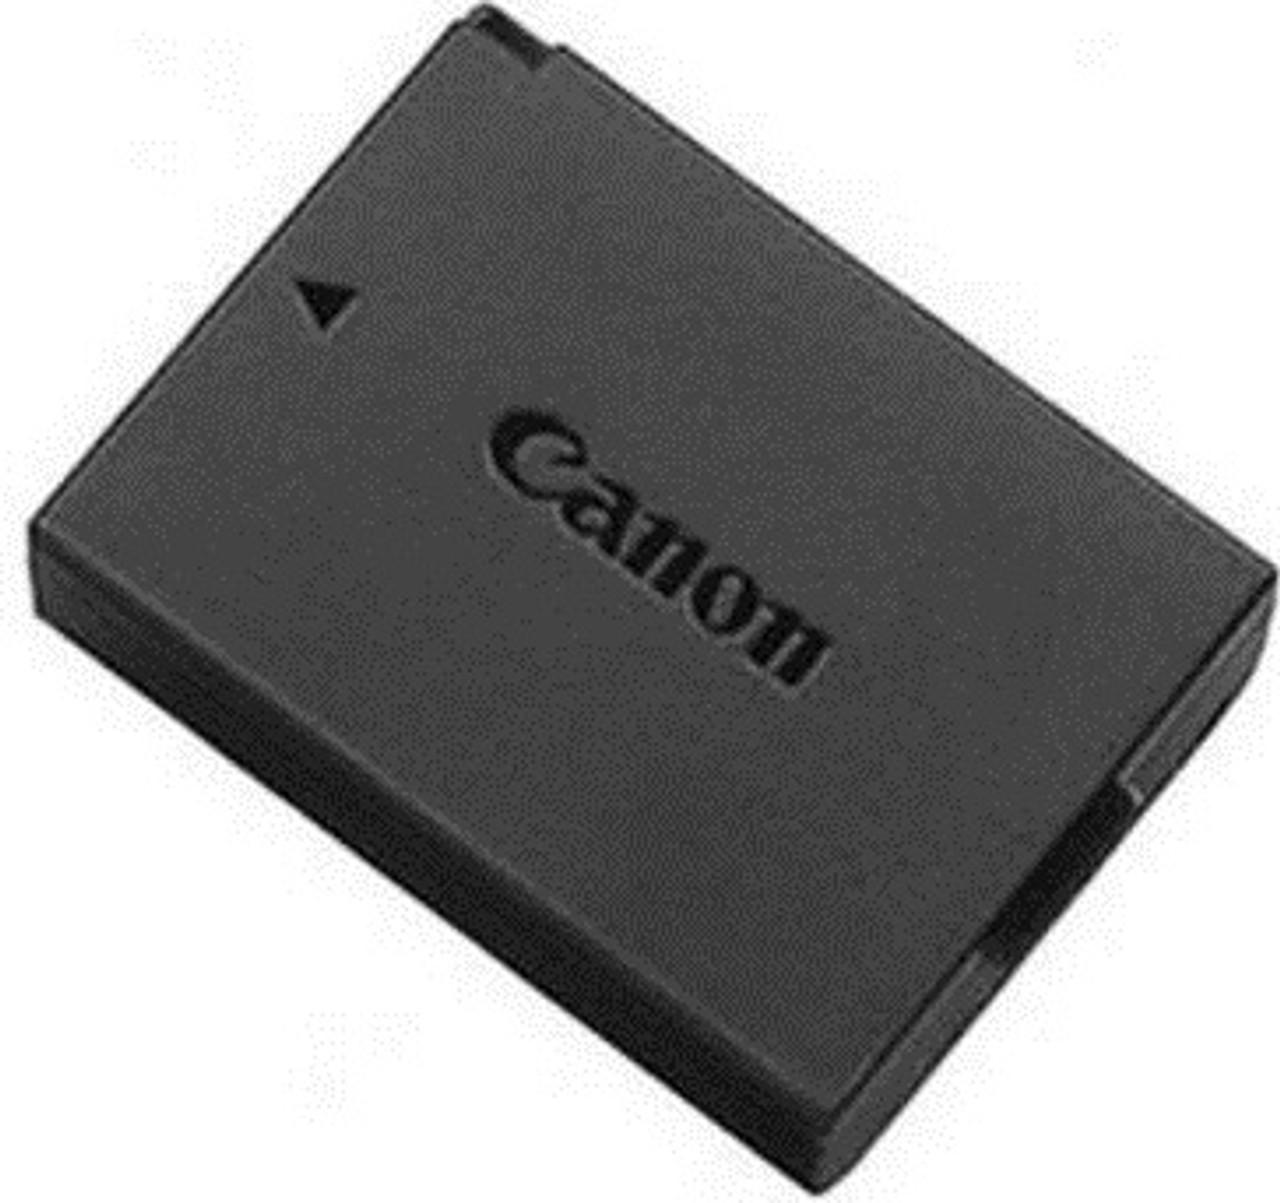 Canon LP-E10 Battery Pack for Rebel T3